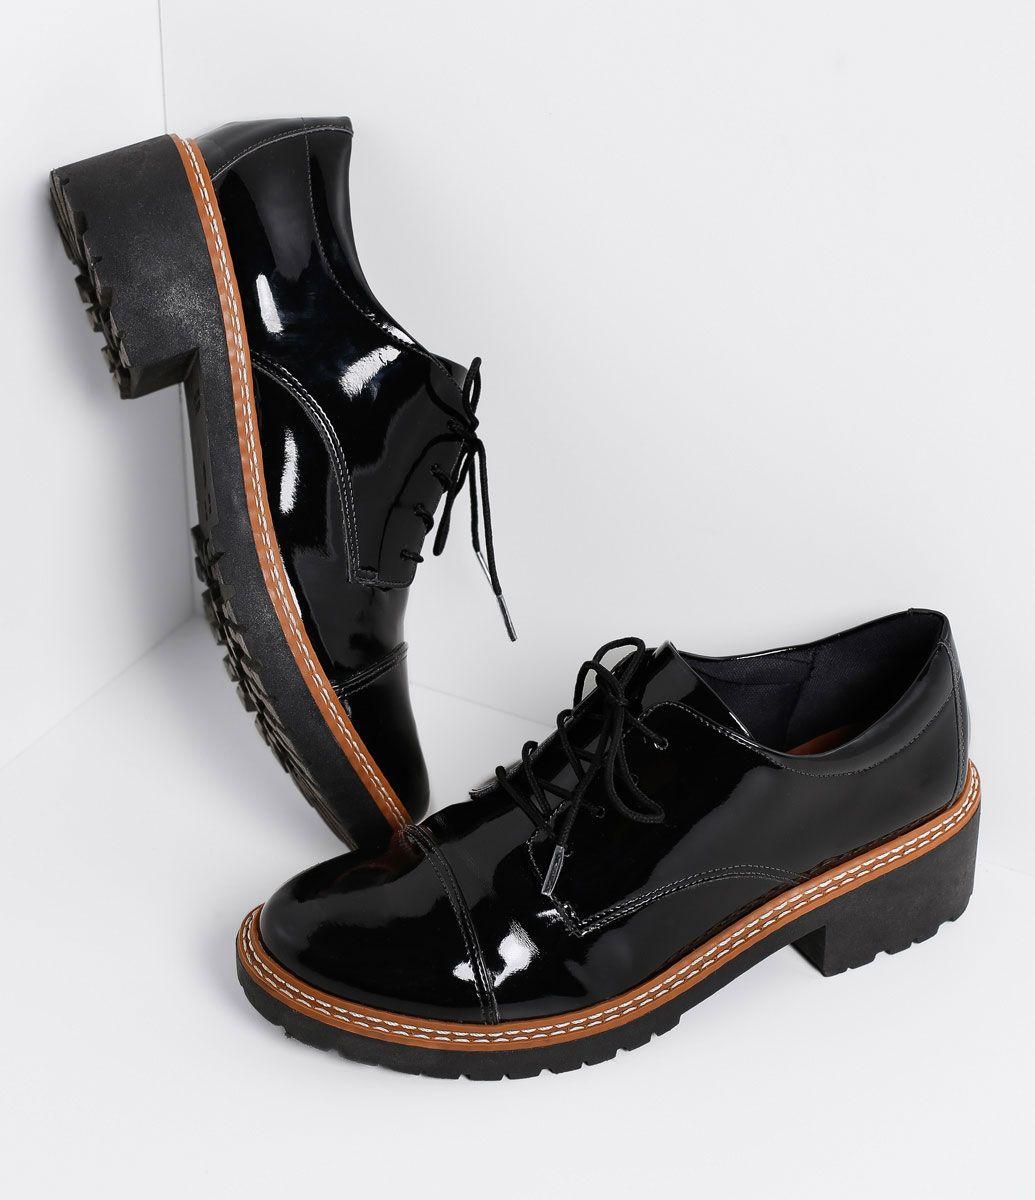 29212da9dd Sapato Feminino Modelo  Oxford Em verniz Sola tratorada de 4cm Marca   Satinato Material  Sintético COLEÇÃO VERÃO 2017 Veja outras opções de  sapatos ...